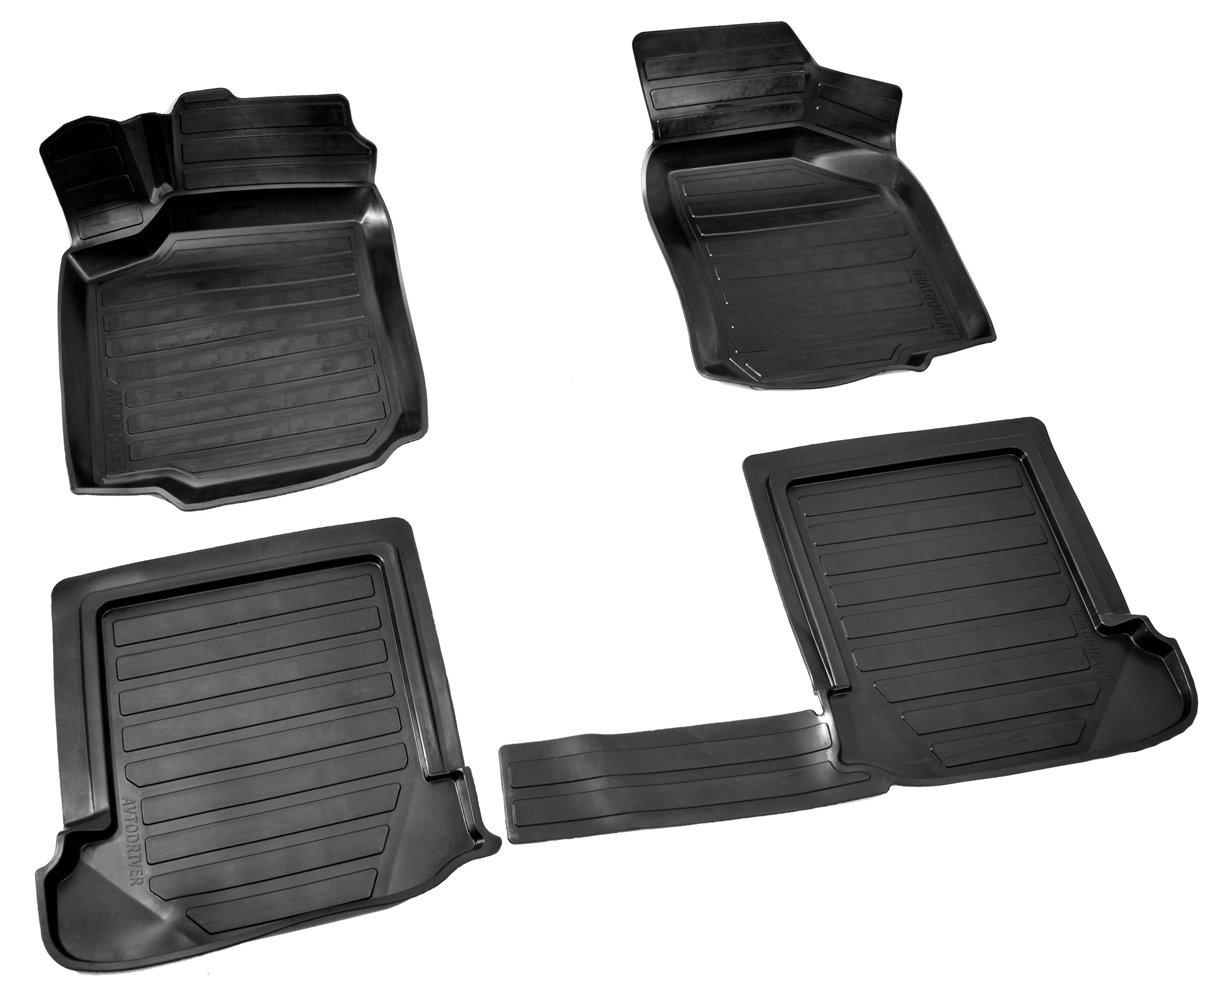 Коврики в салон автомобиля Avtodriver, для Volkswagen Golf IV, 1997-2006, ADRAVG259, резиновые, с бортиком, черный surkov v texts 1997 2010